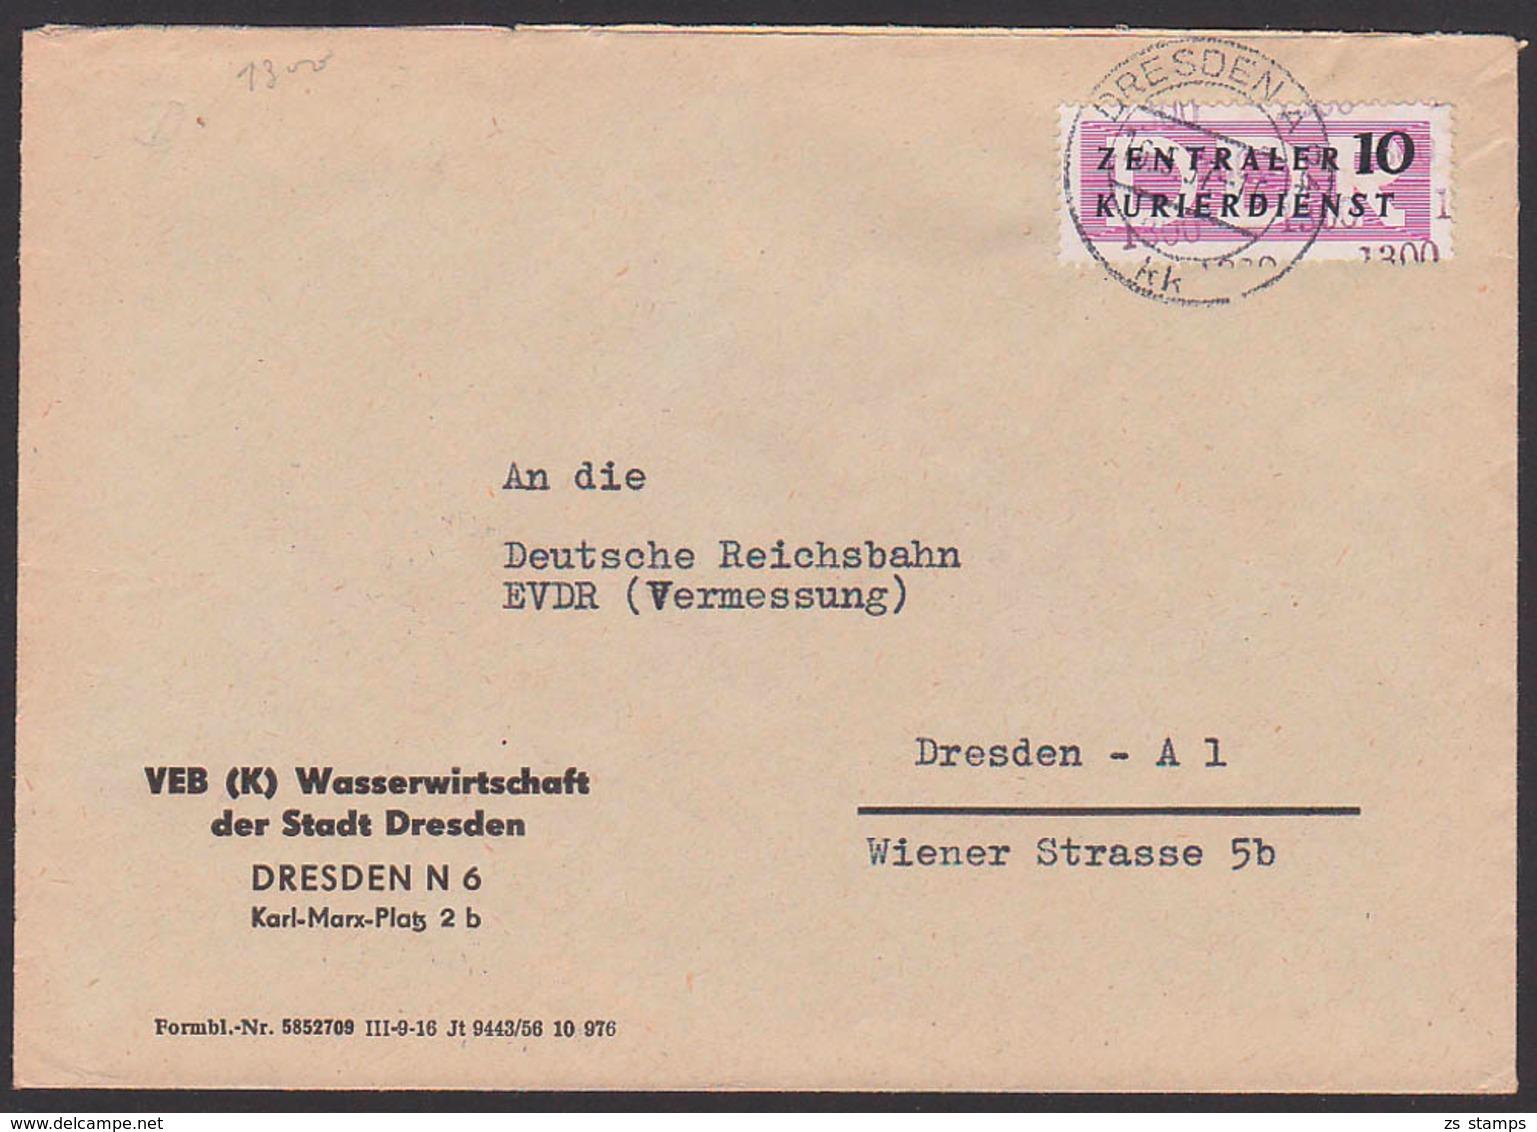 DRESEN DDR ZKD B10(1300) VEB (K) Wasserwirtschaft Ortsbrief 16.5.57 An Deutsche Reichsbahn - DDR